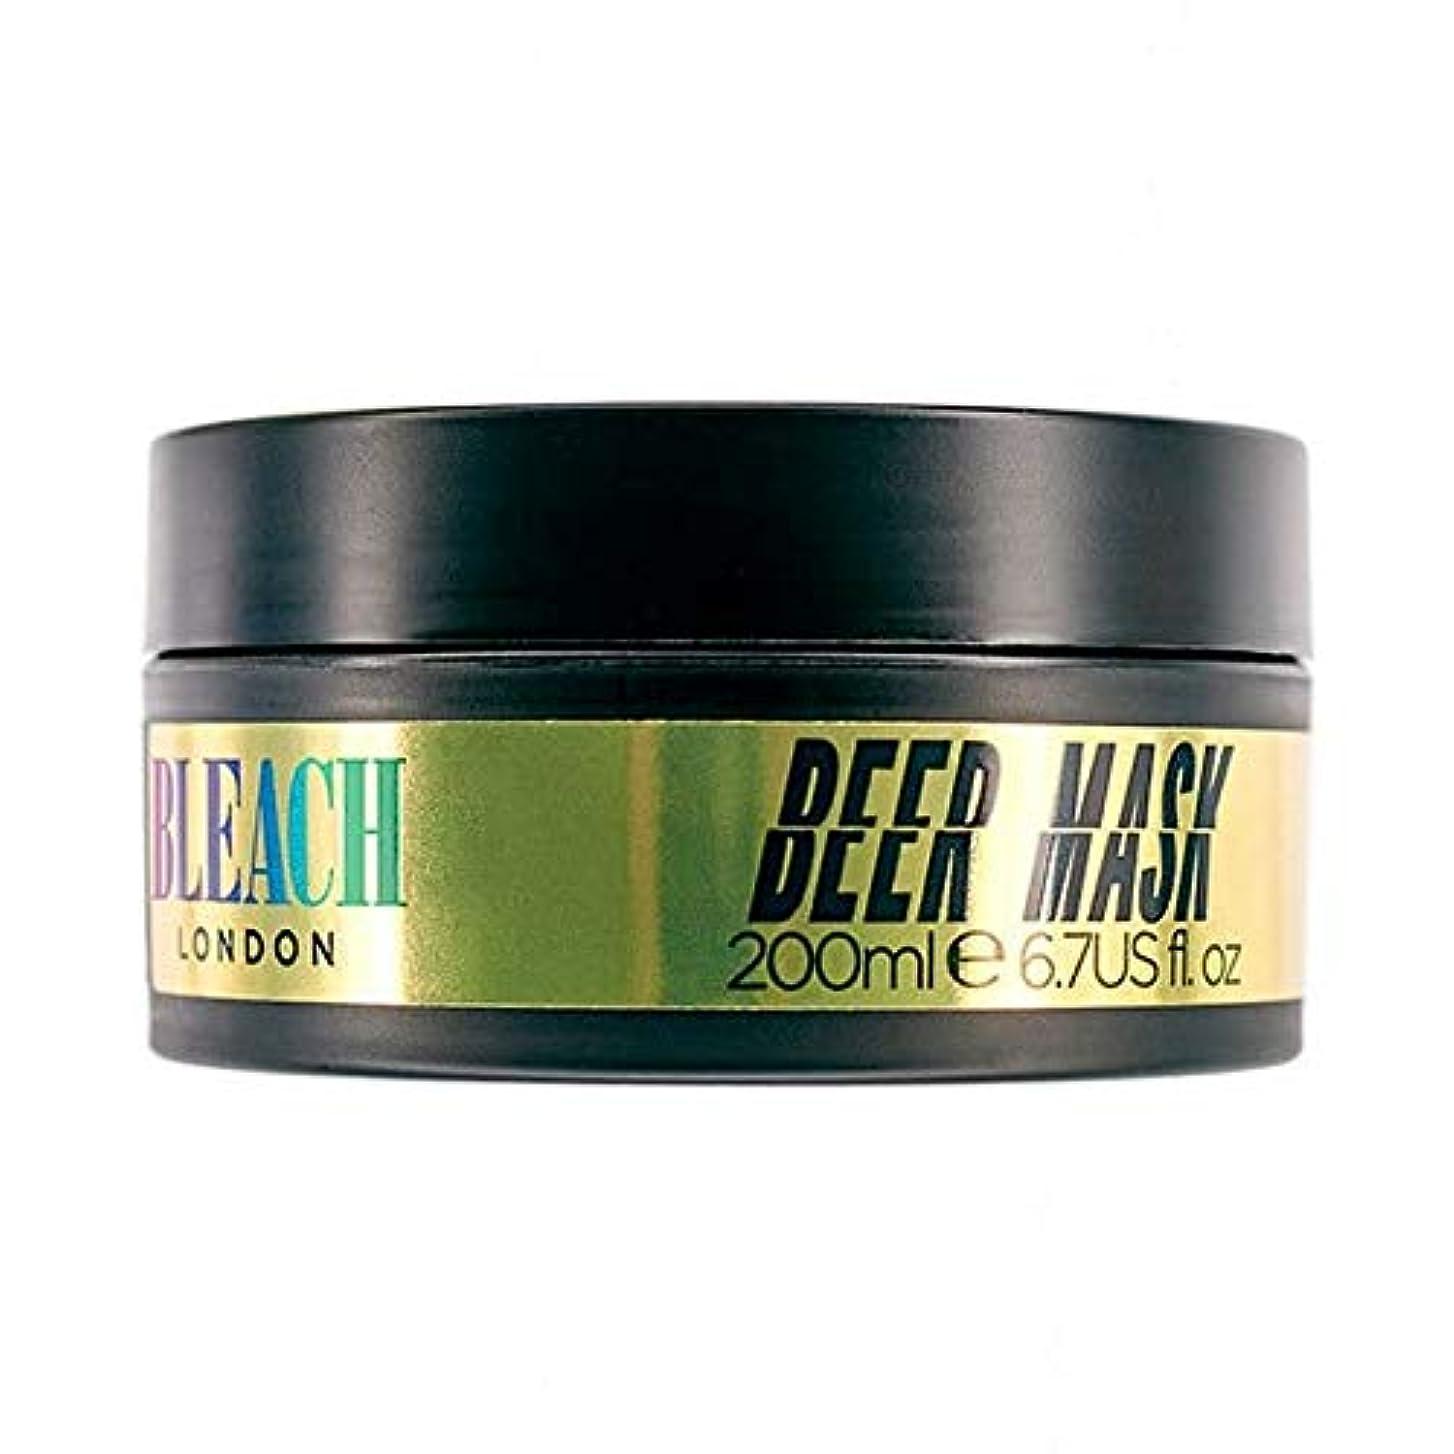 眉滑り台期限[Bleach London ] 漂白ロンドンビールマスク200ミリリットル - Bleach London Beer Mask 200ml [並行輸入品]